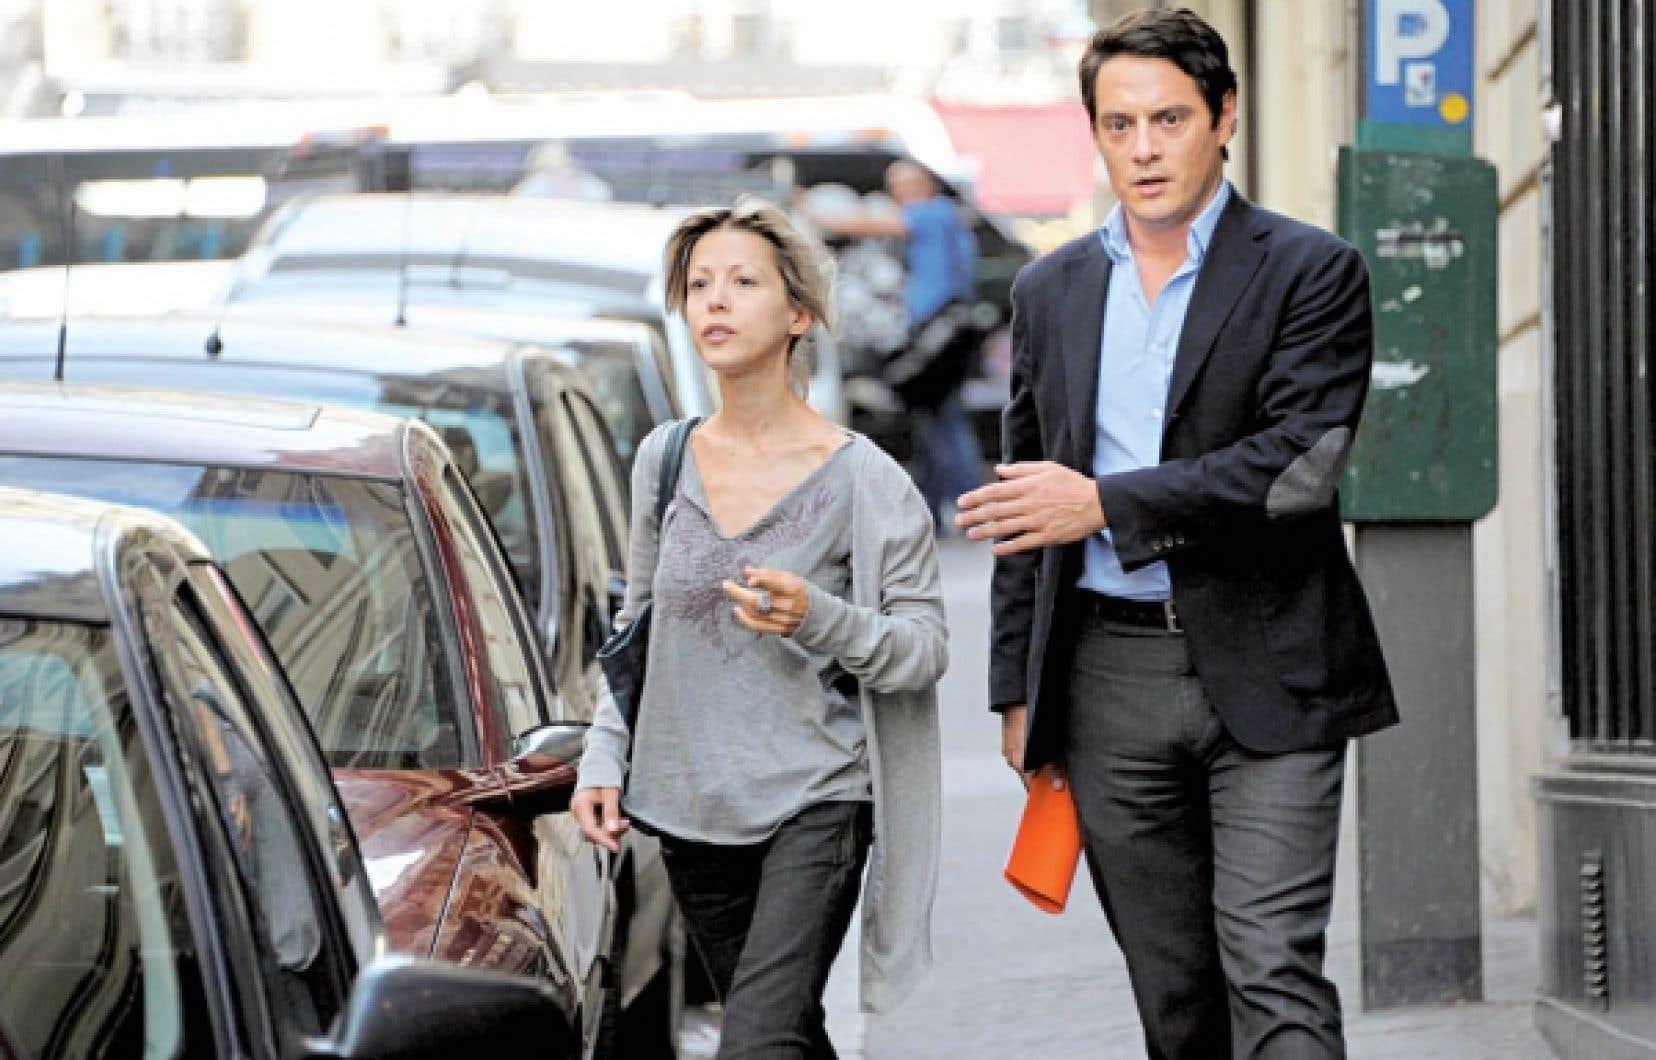 La journaliste-écrivaine Tristane Banon au côté de son avocat, David Koubbi, hier à Paris.<br />